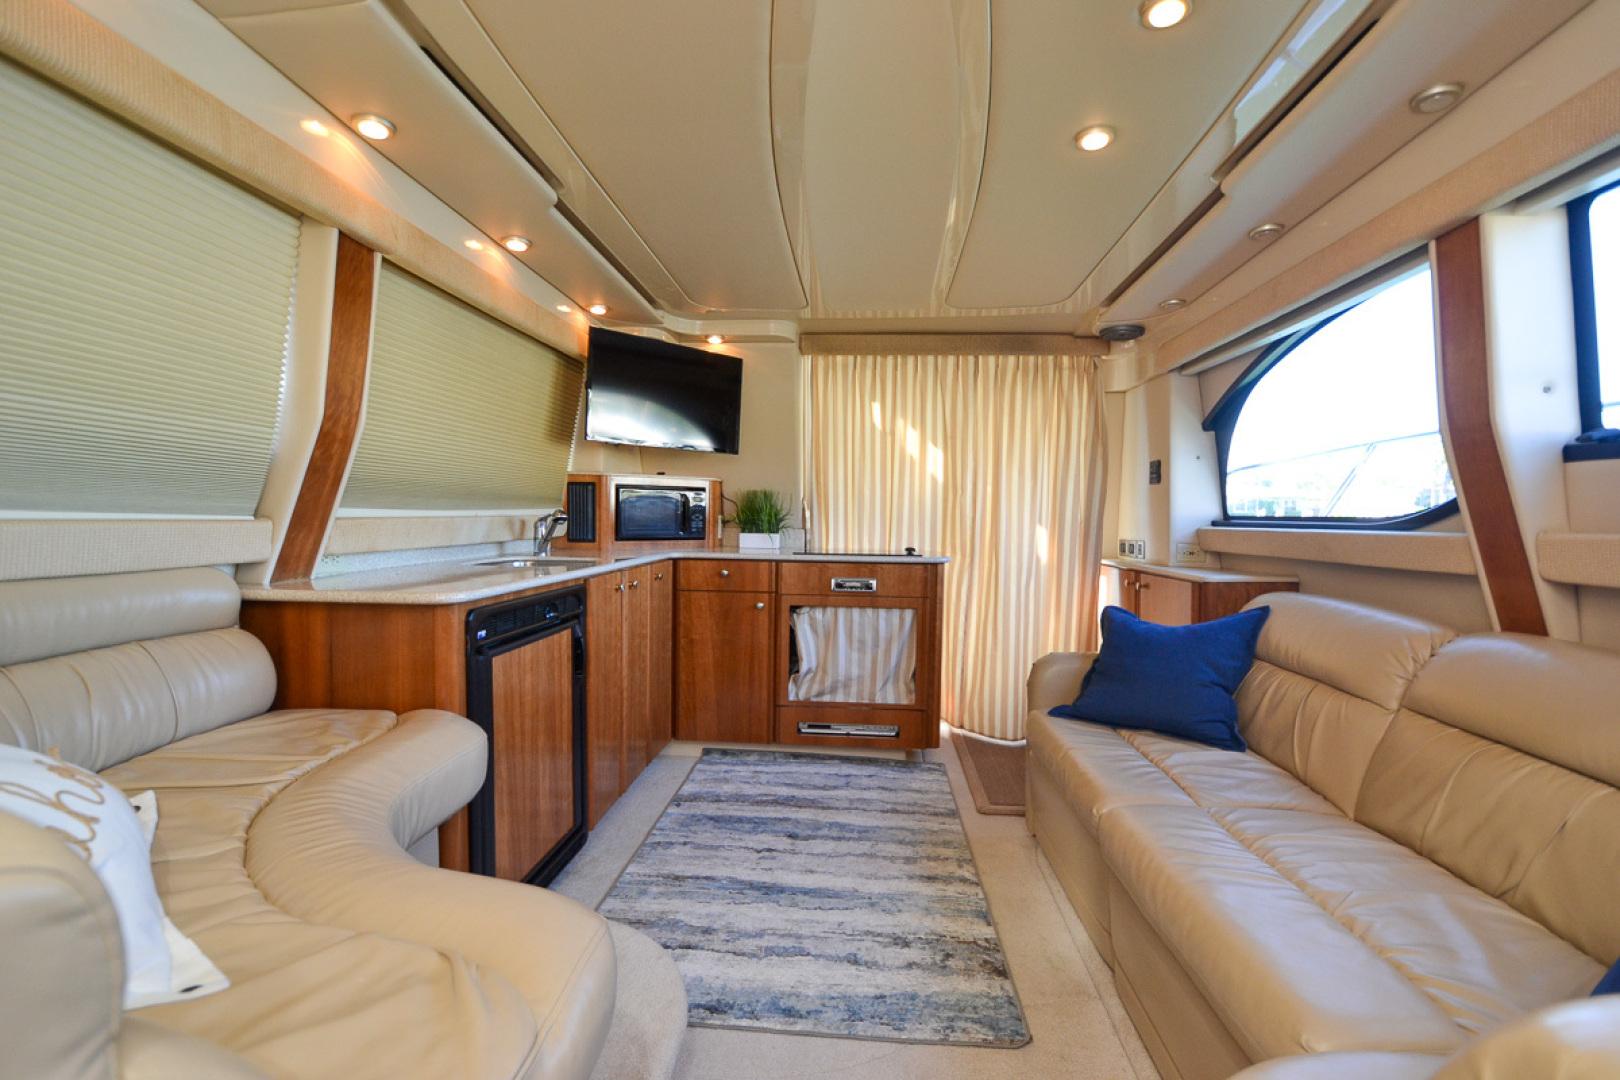 Meridian-341 Sedan 2004-Sea Harmony Belleair Beach-Florida-United States-1496660 | Thumbnail